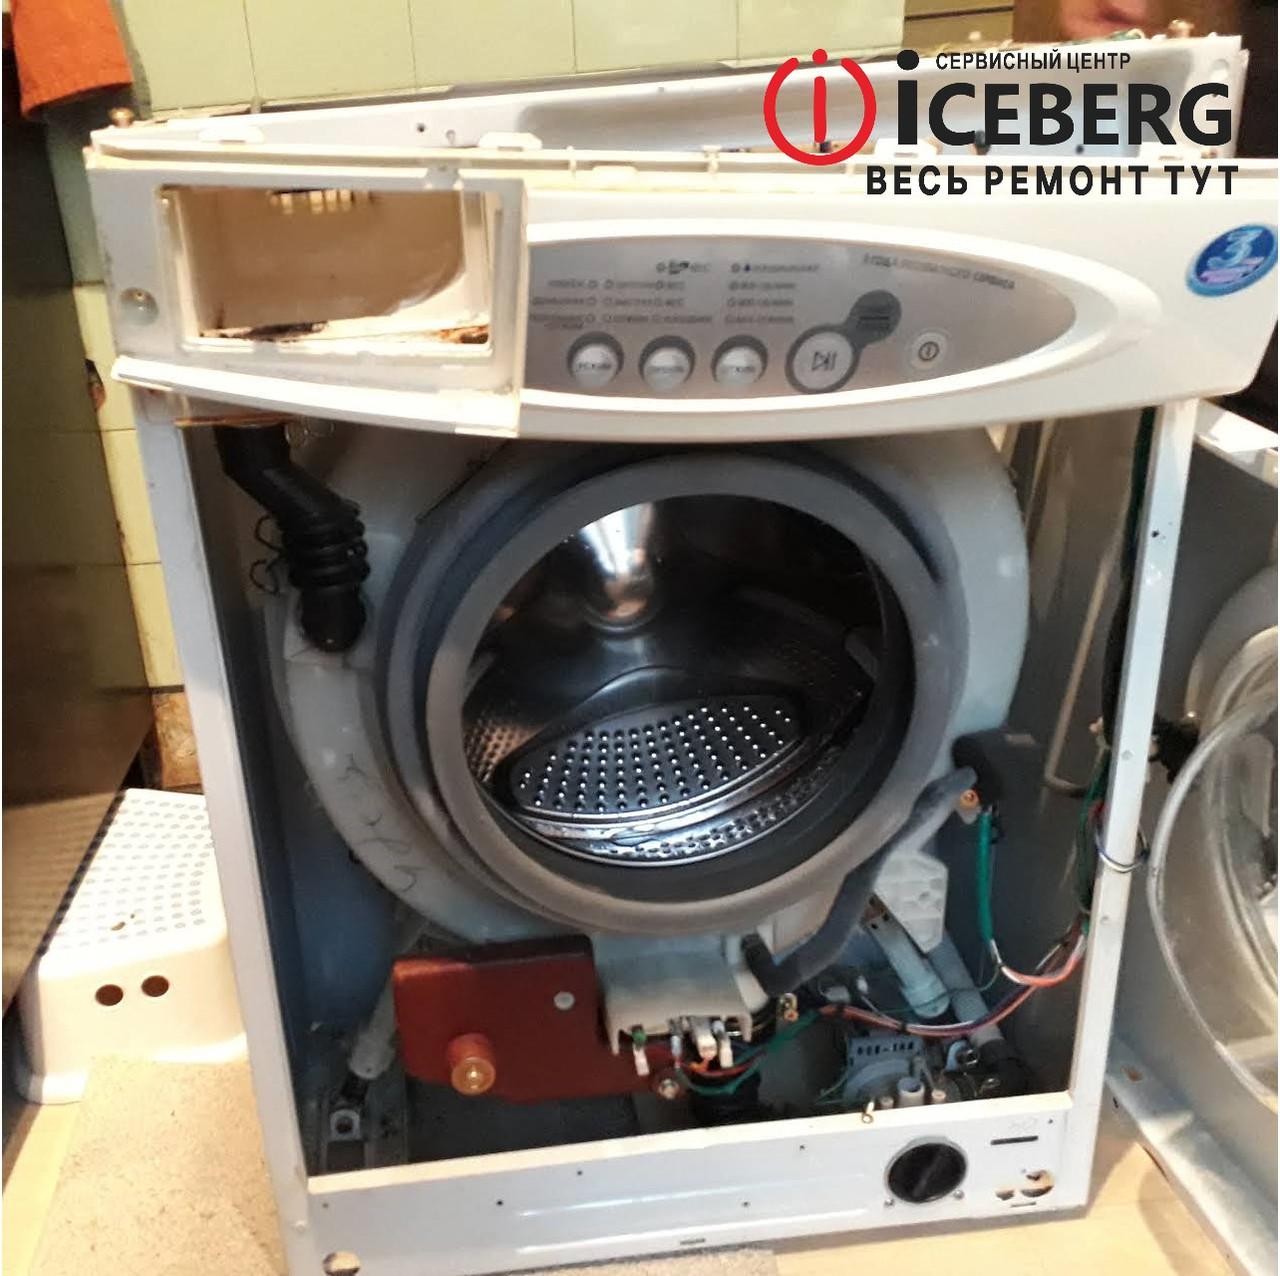 Ремонт стиральных машин в Алматы - фото 2